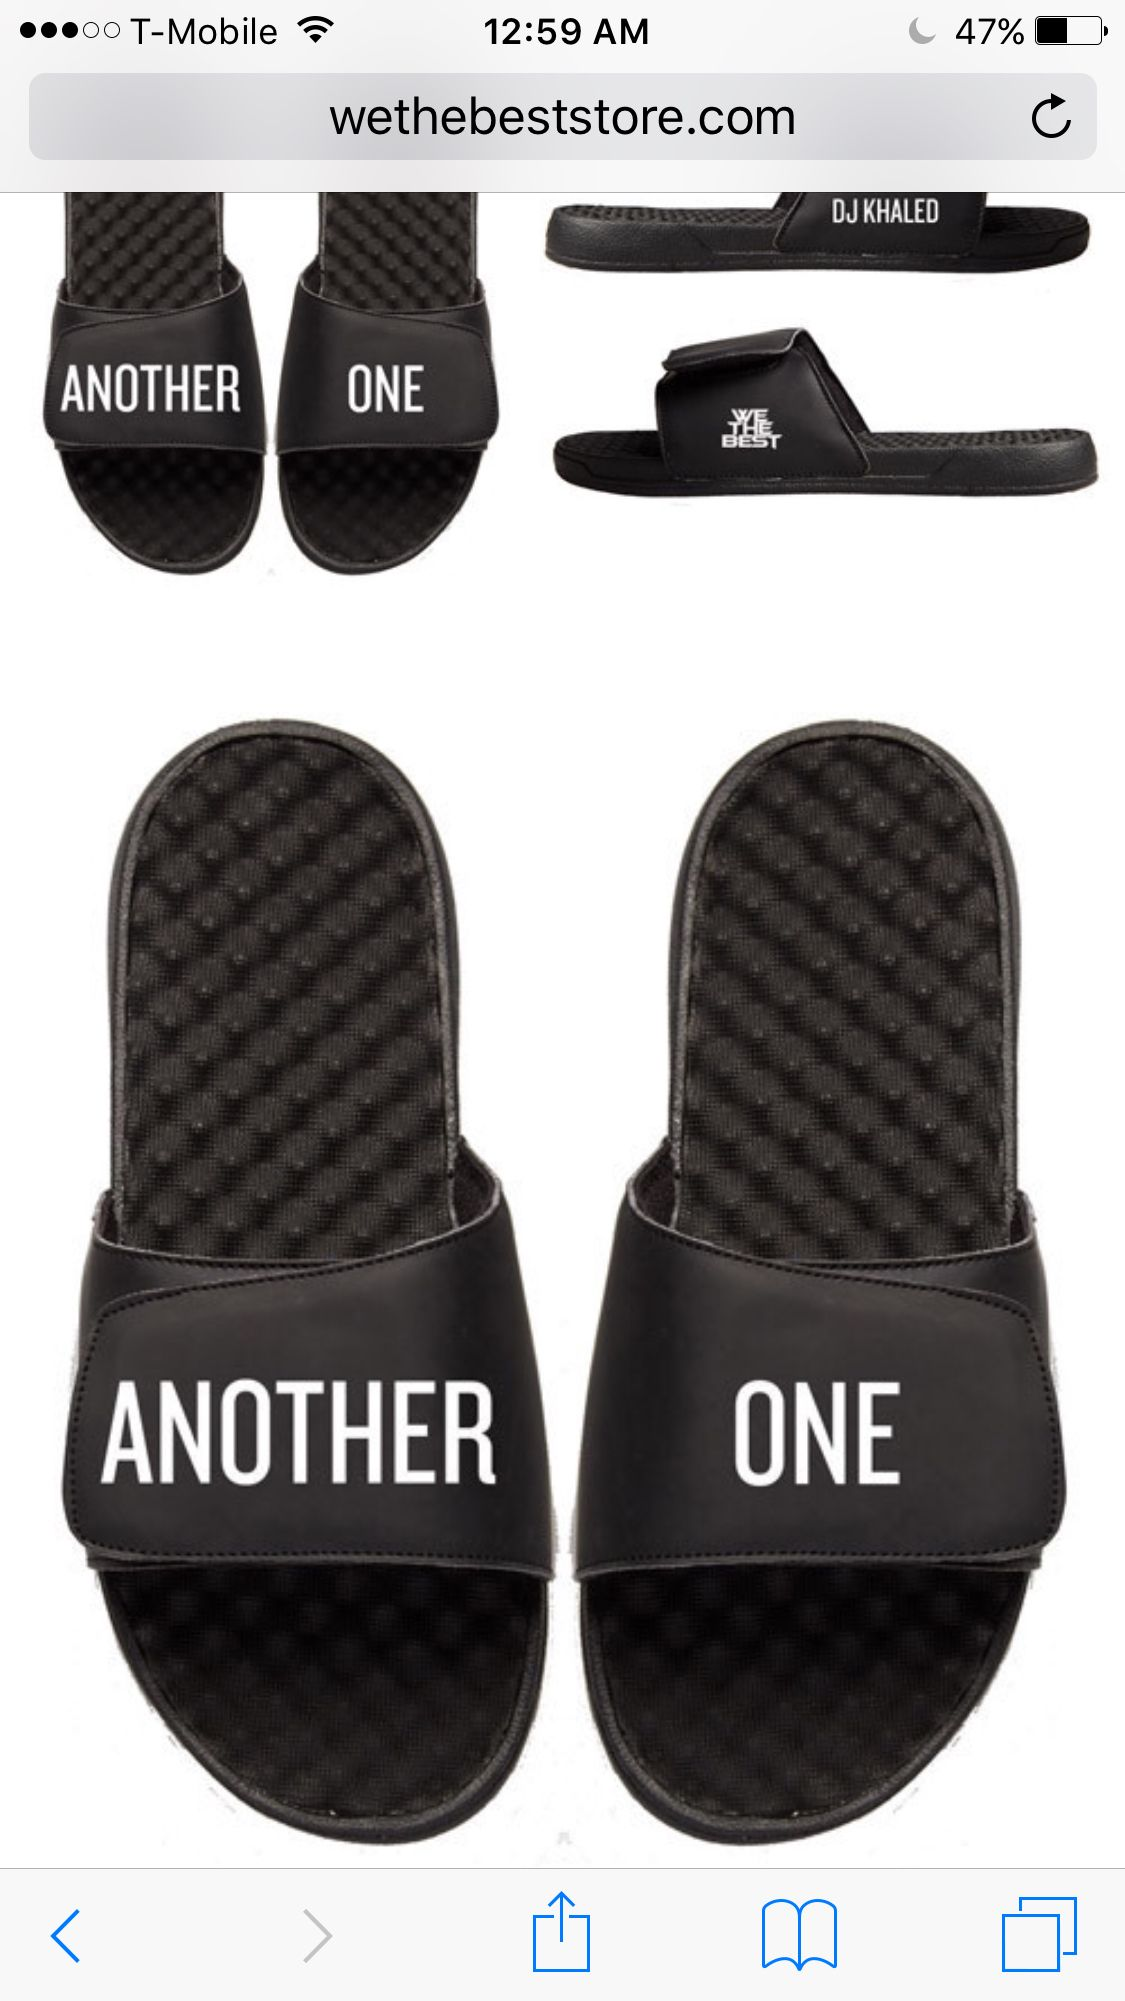 prada shoes and true religion songs dj